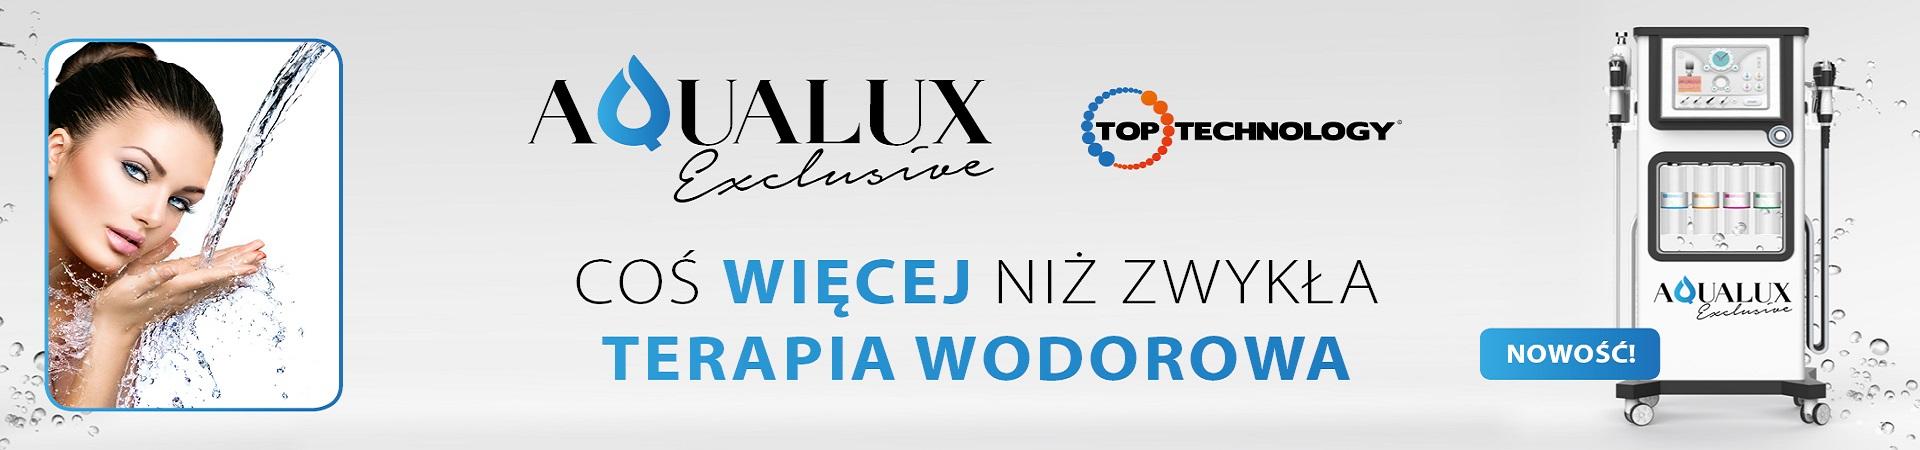 baner_www_aqualux_exclusive